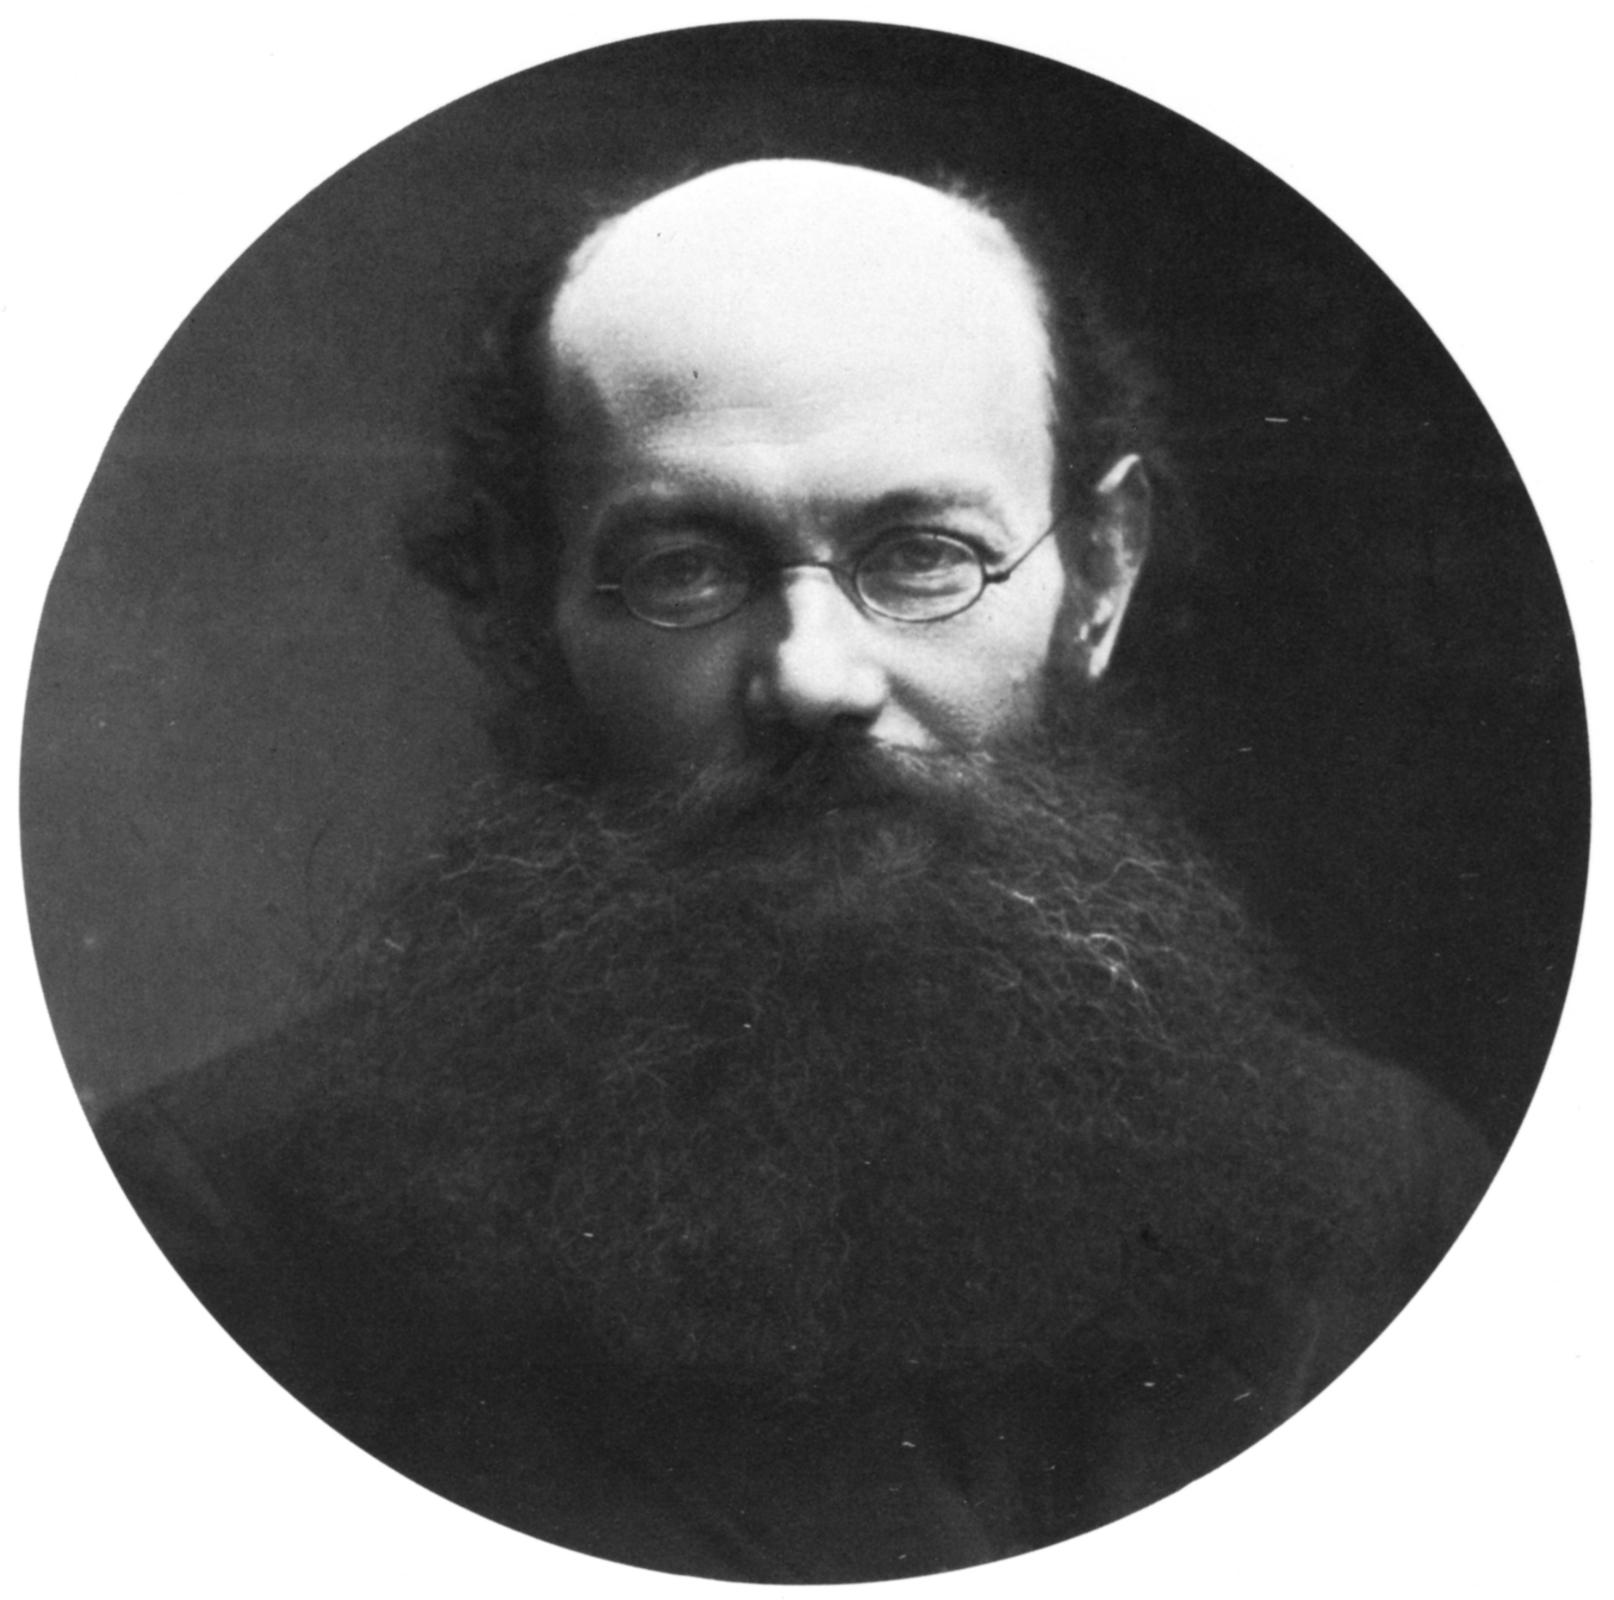 pjotr alexejewitsch kropotkin Photographer: Nadar [Public domain], via Wikimedia Commons http://commons.wikimedia.org/wiki/File%3AKropotkin_Nadar.jpg